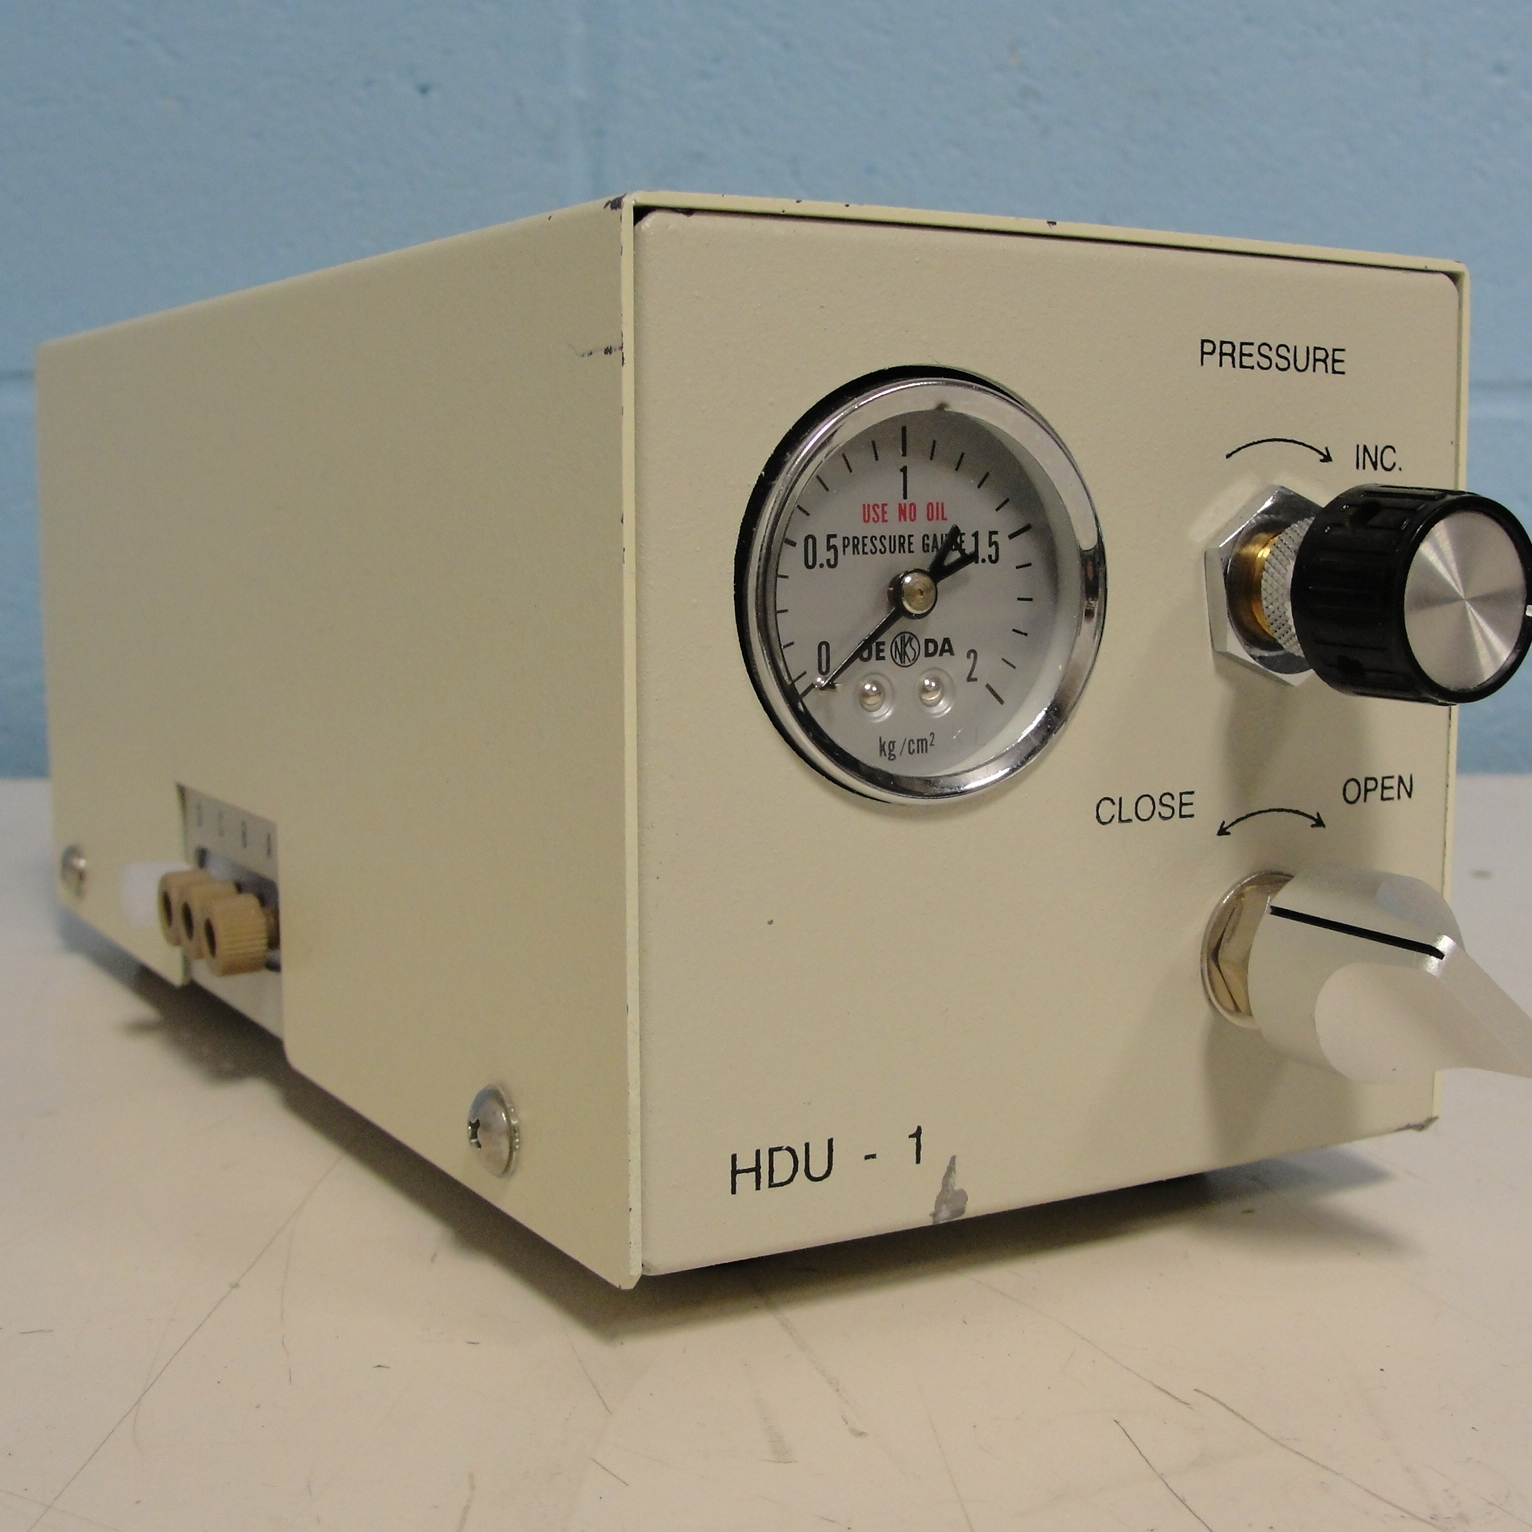 Shimadzu HDU-1 Helium Degassing Unit Image